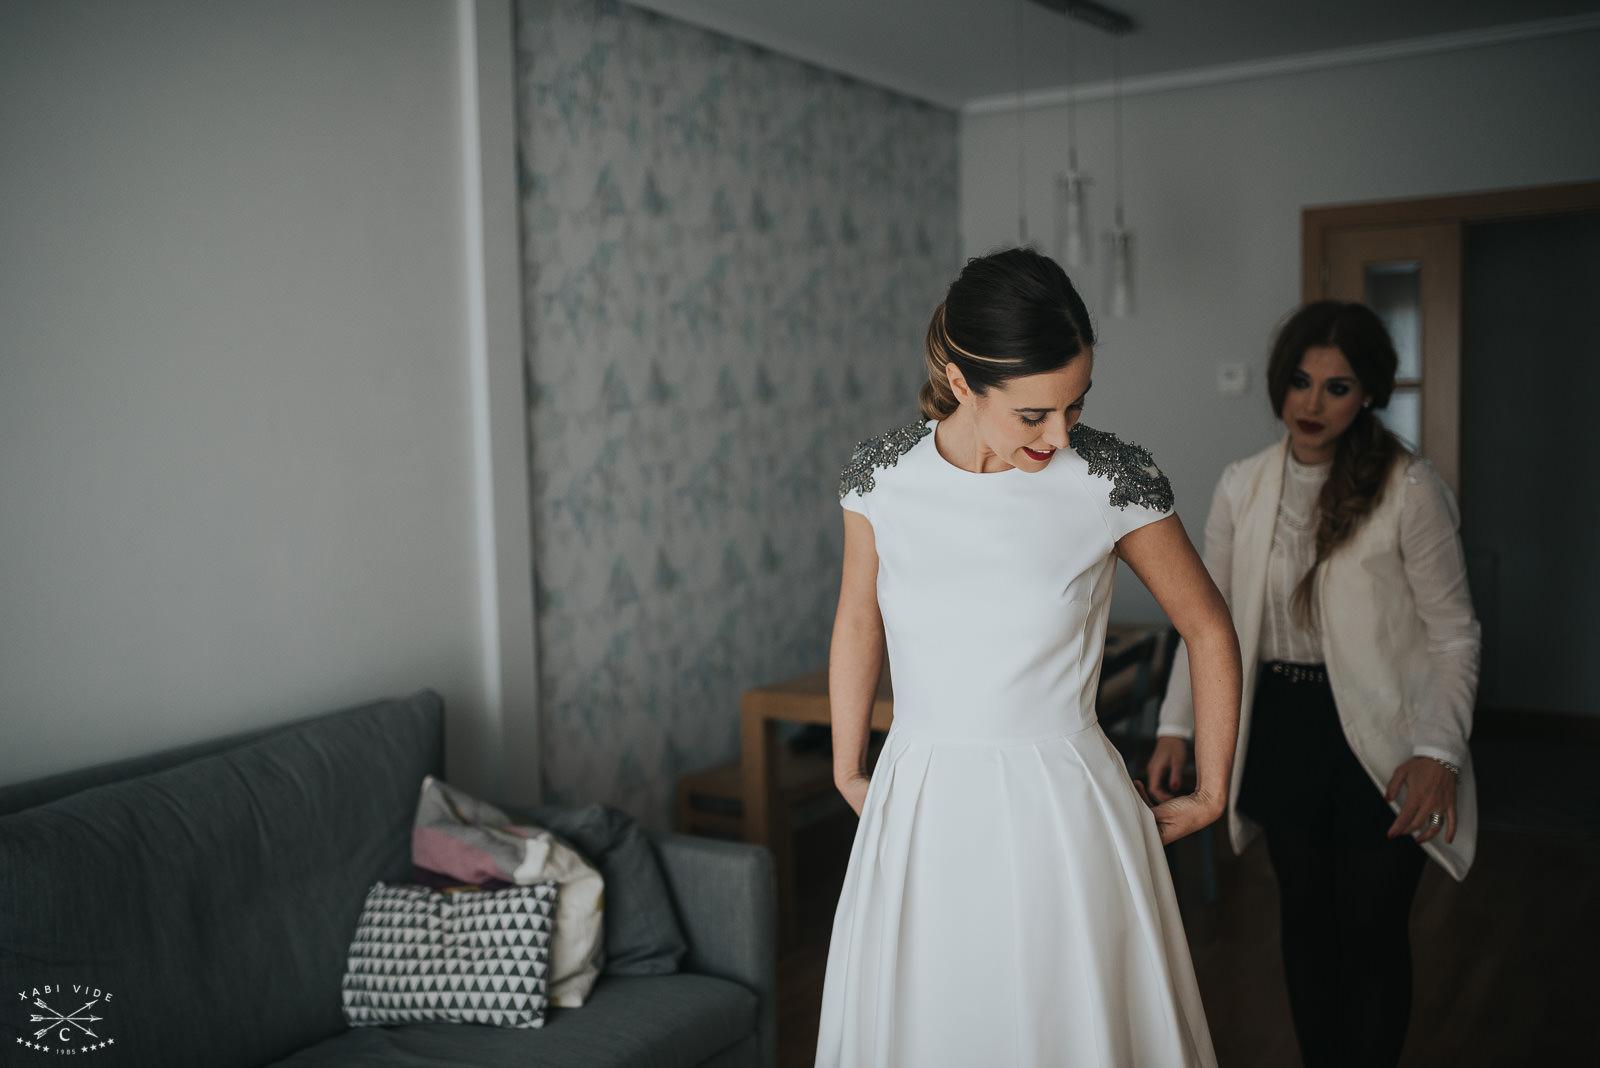 fotografo de bodas en bilbao-22